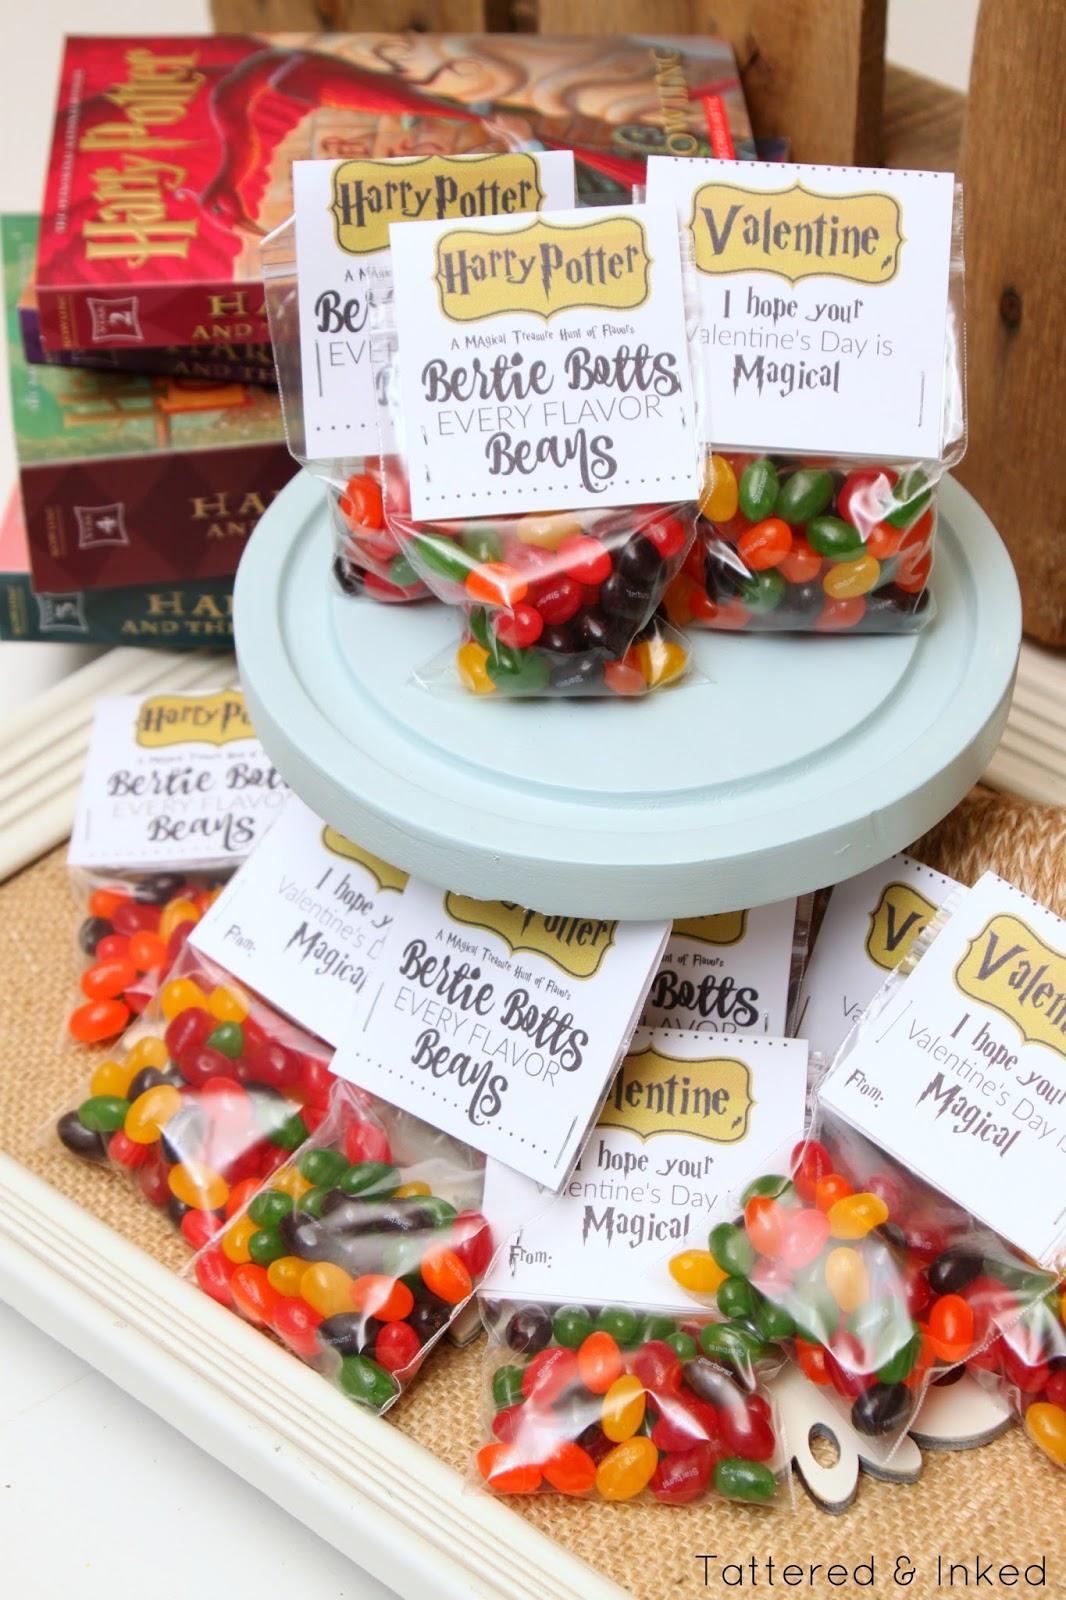 Bertie Botts Every Flavor Beans Label